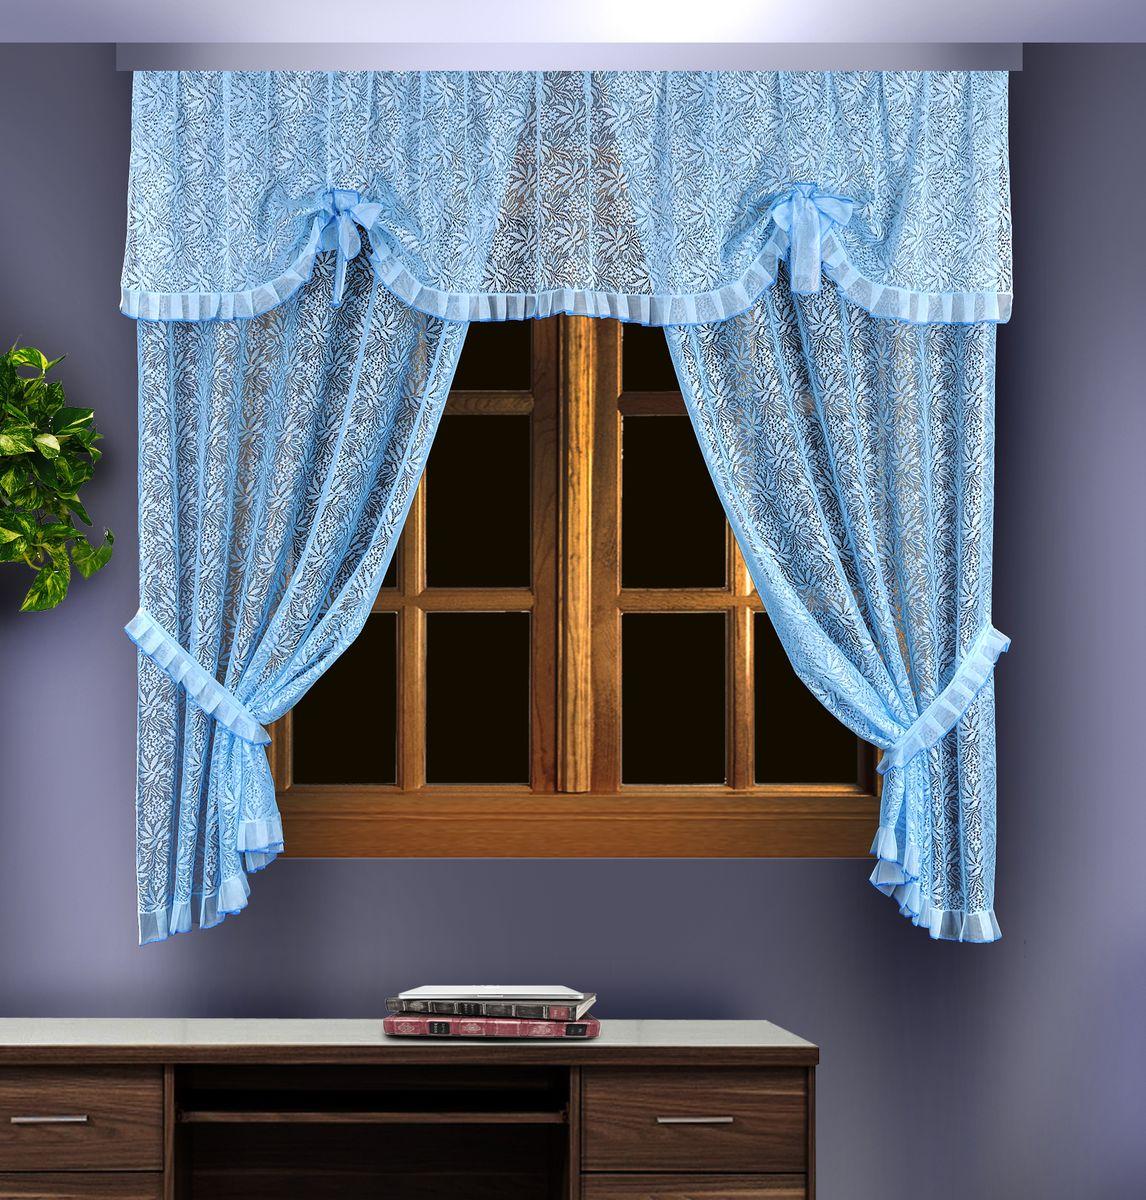 Комплект штор для кухни Zlata Korunka, цвет: голубой, высота 180 см. 88836